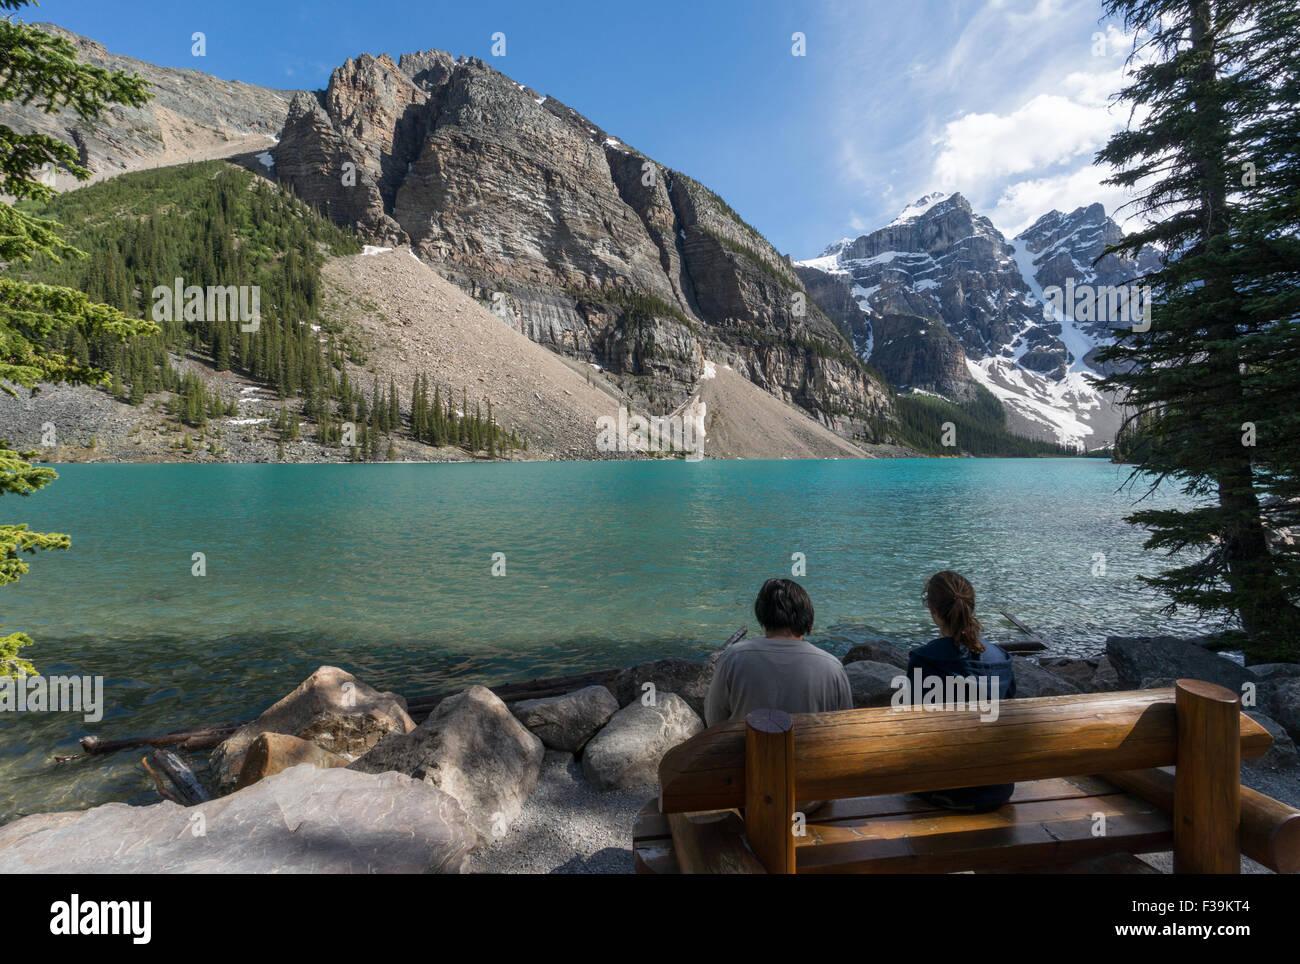 Deux personnes par le lac Moraine, parc national Banff, Rocheuses canadiennes, l'Alberta, Canada Photo Stock